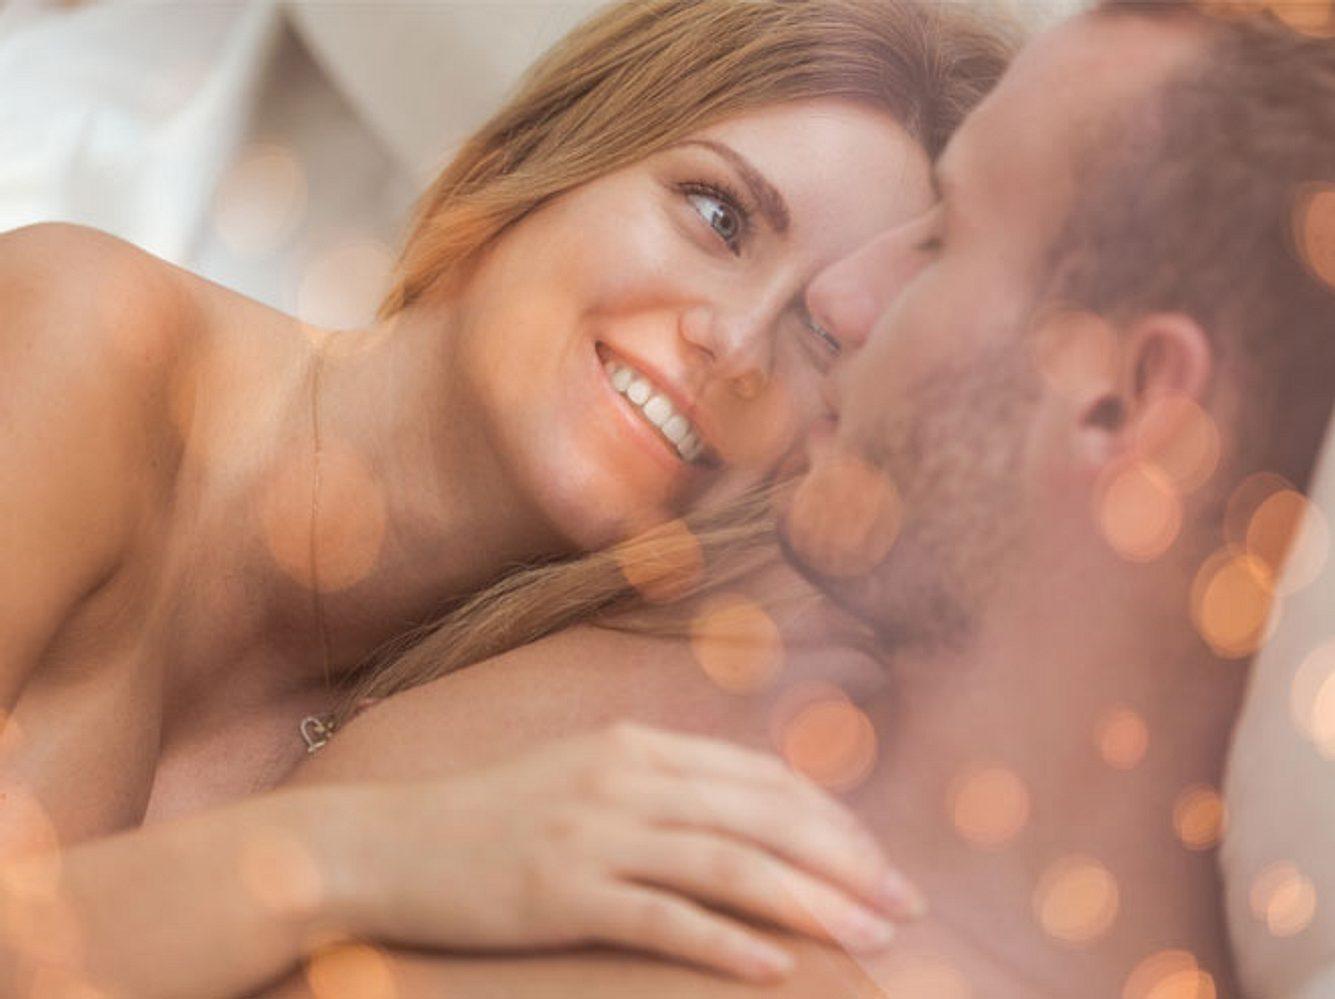 Sex ist das schönste Mittel zum Beziehung stärken - dank der sexuellen Nachglüh-Phase, in der wir uns mit unserem Partner durch die erfahrene Befriedigung besonders verbunden fühlen.